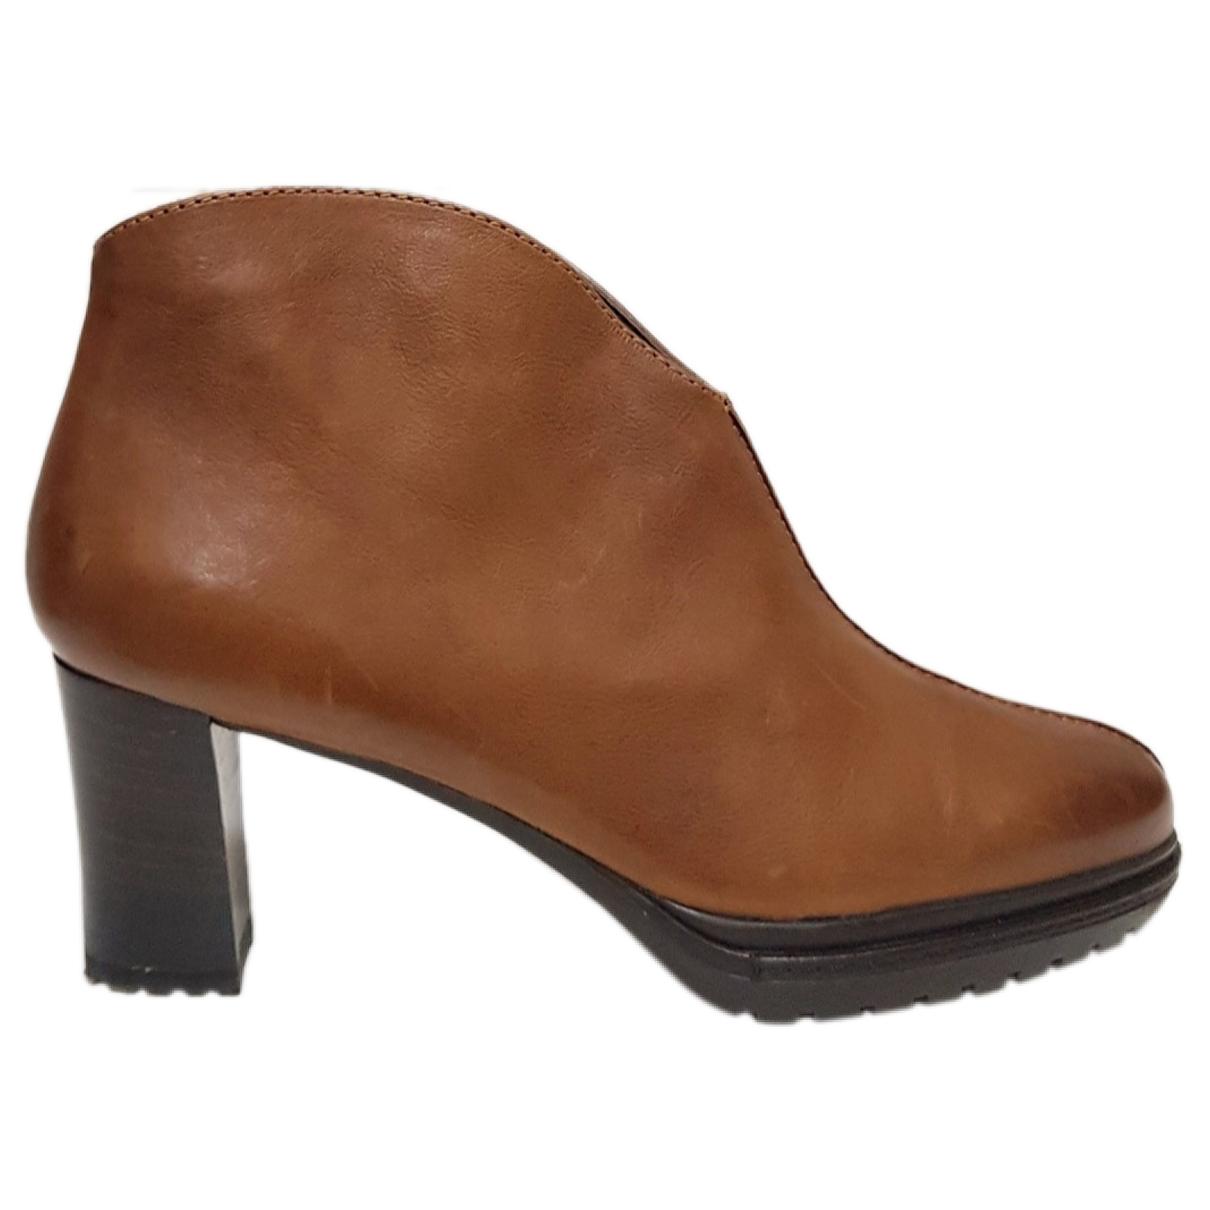 Jaime Mascaro - Boots   pour femme en cuir - marron